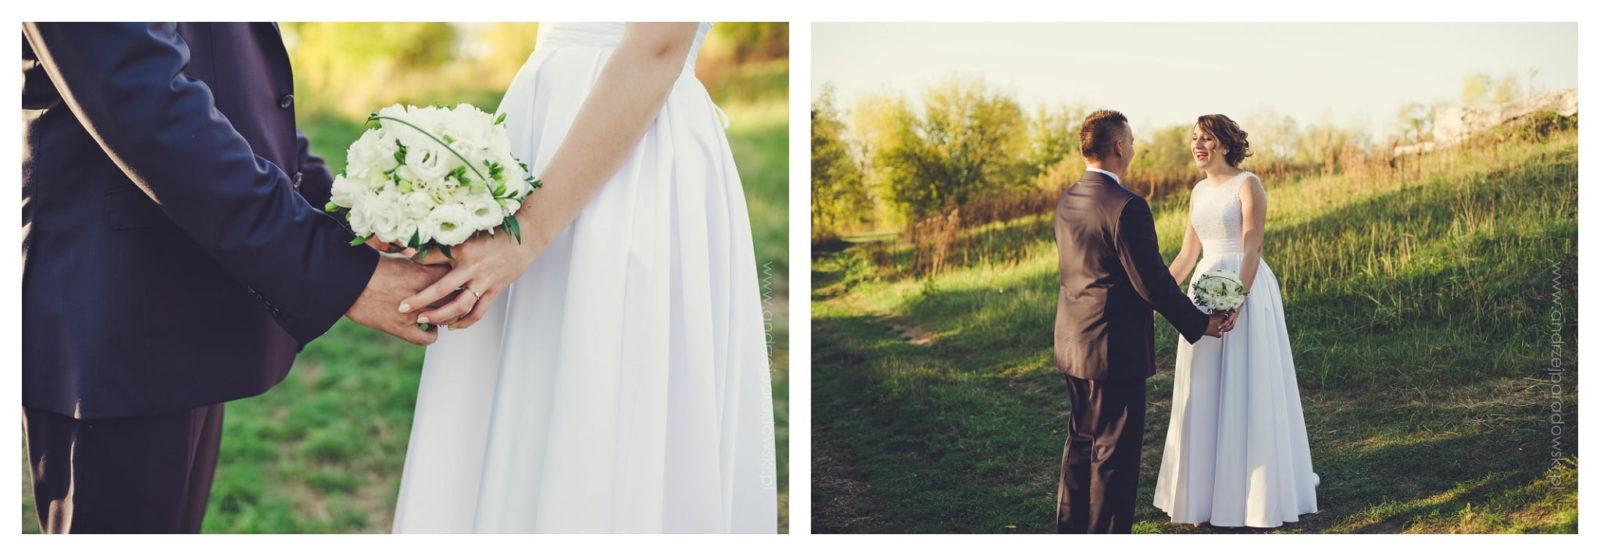 fotograf slubny wloclawek 40 - Ślub w Bobrownikach